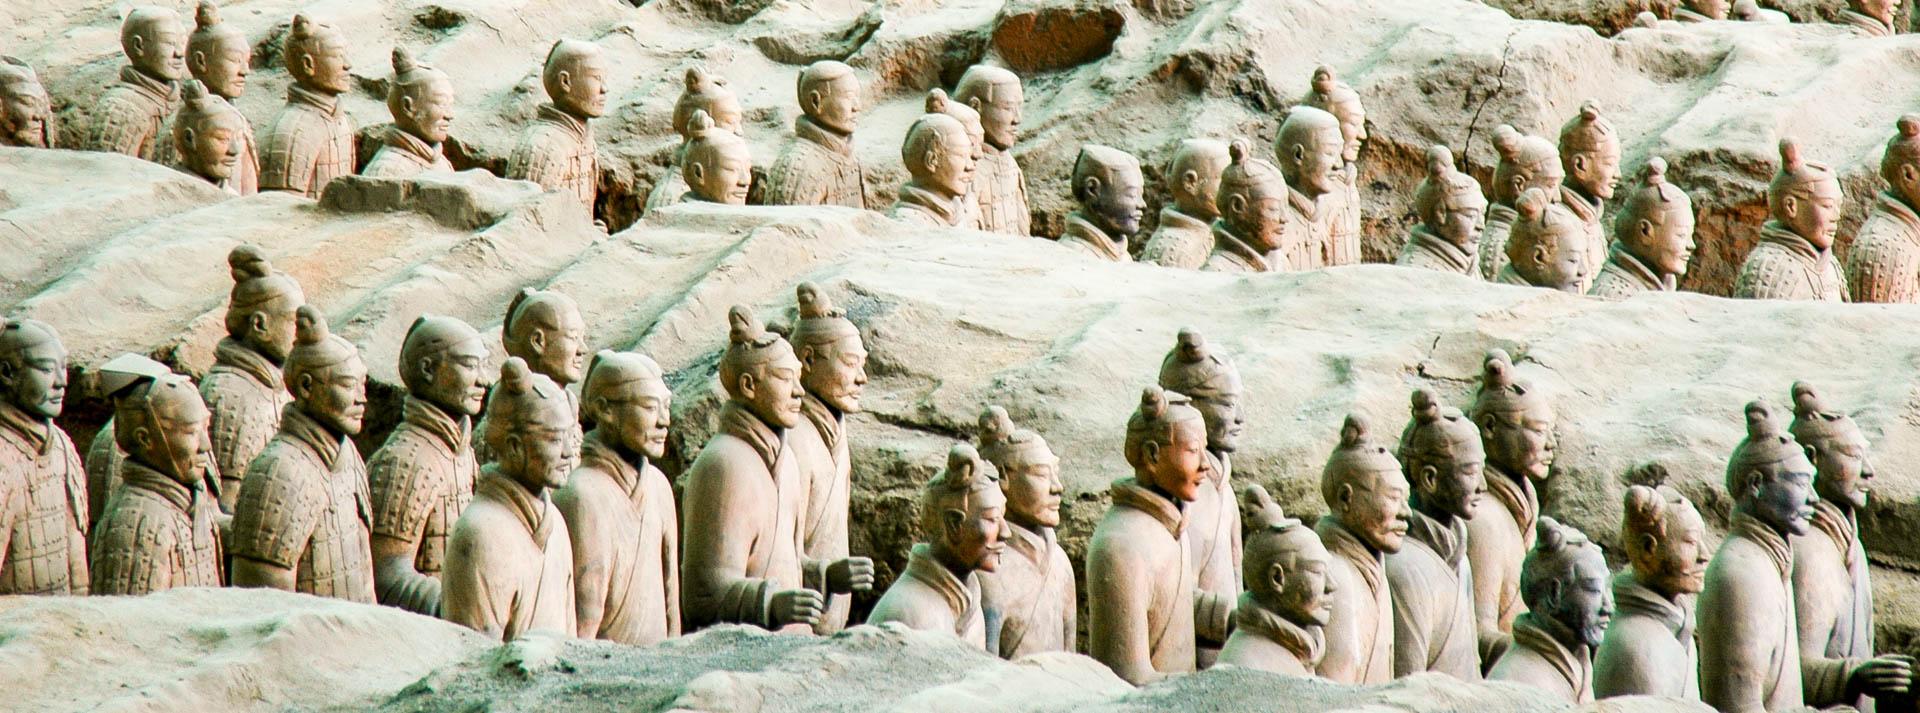 Xi'an, l'armée des soldats de terre cuite